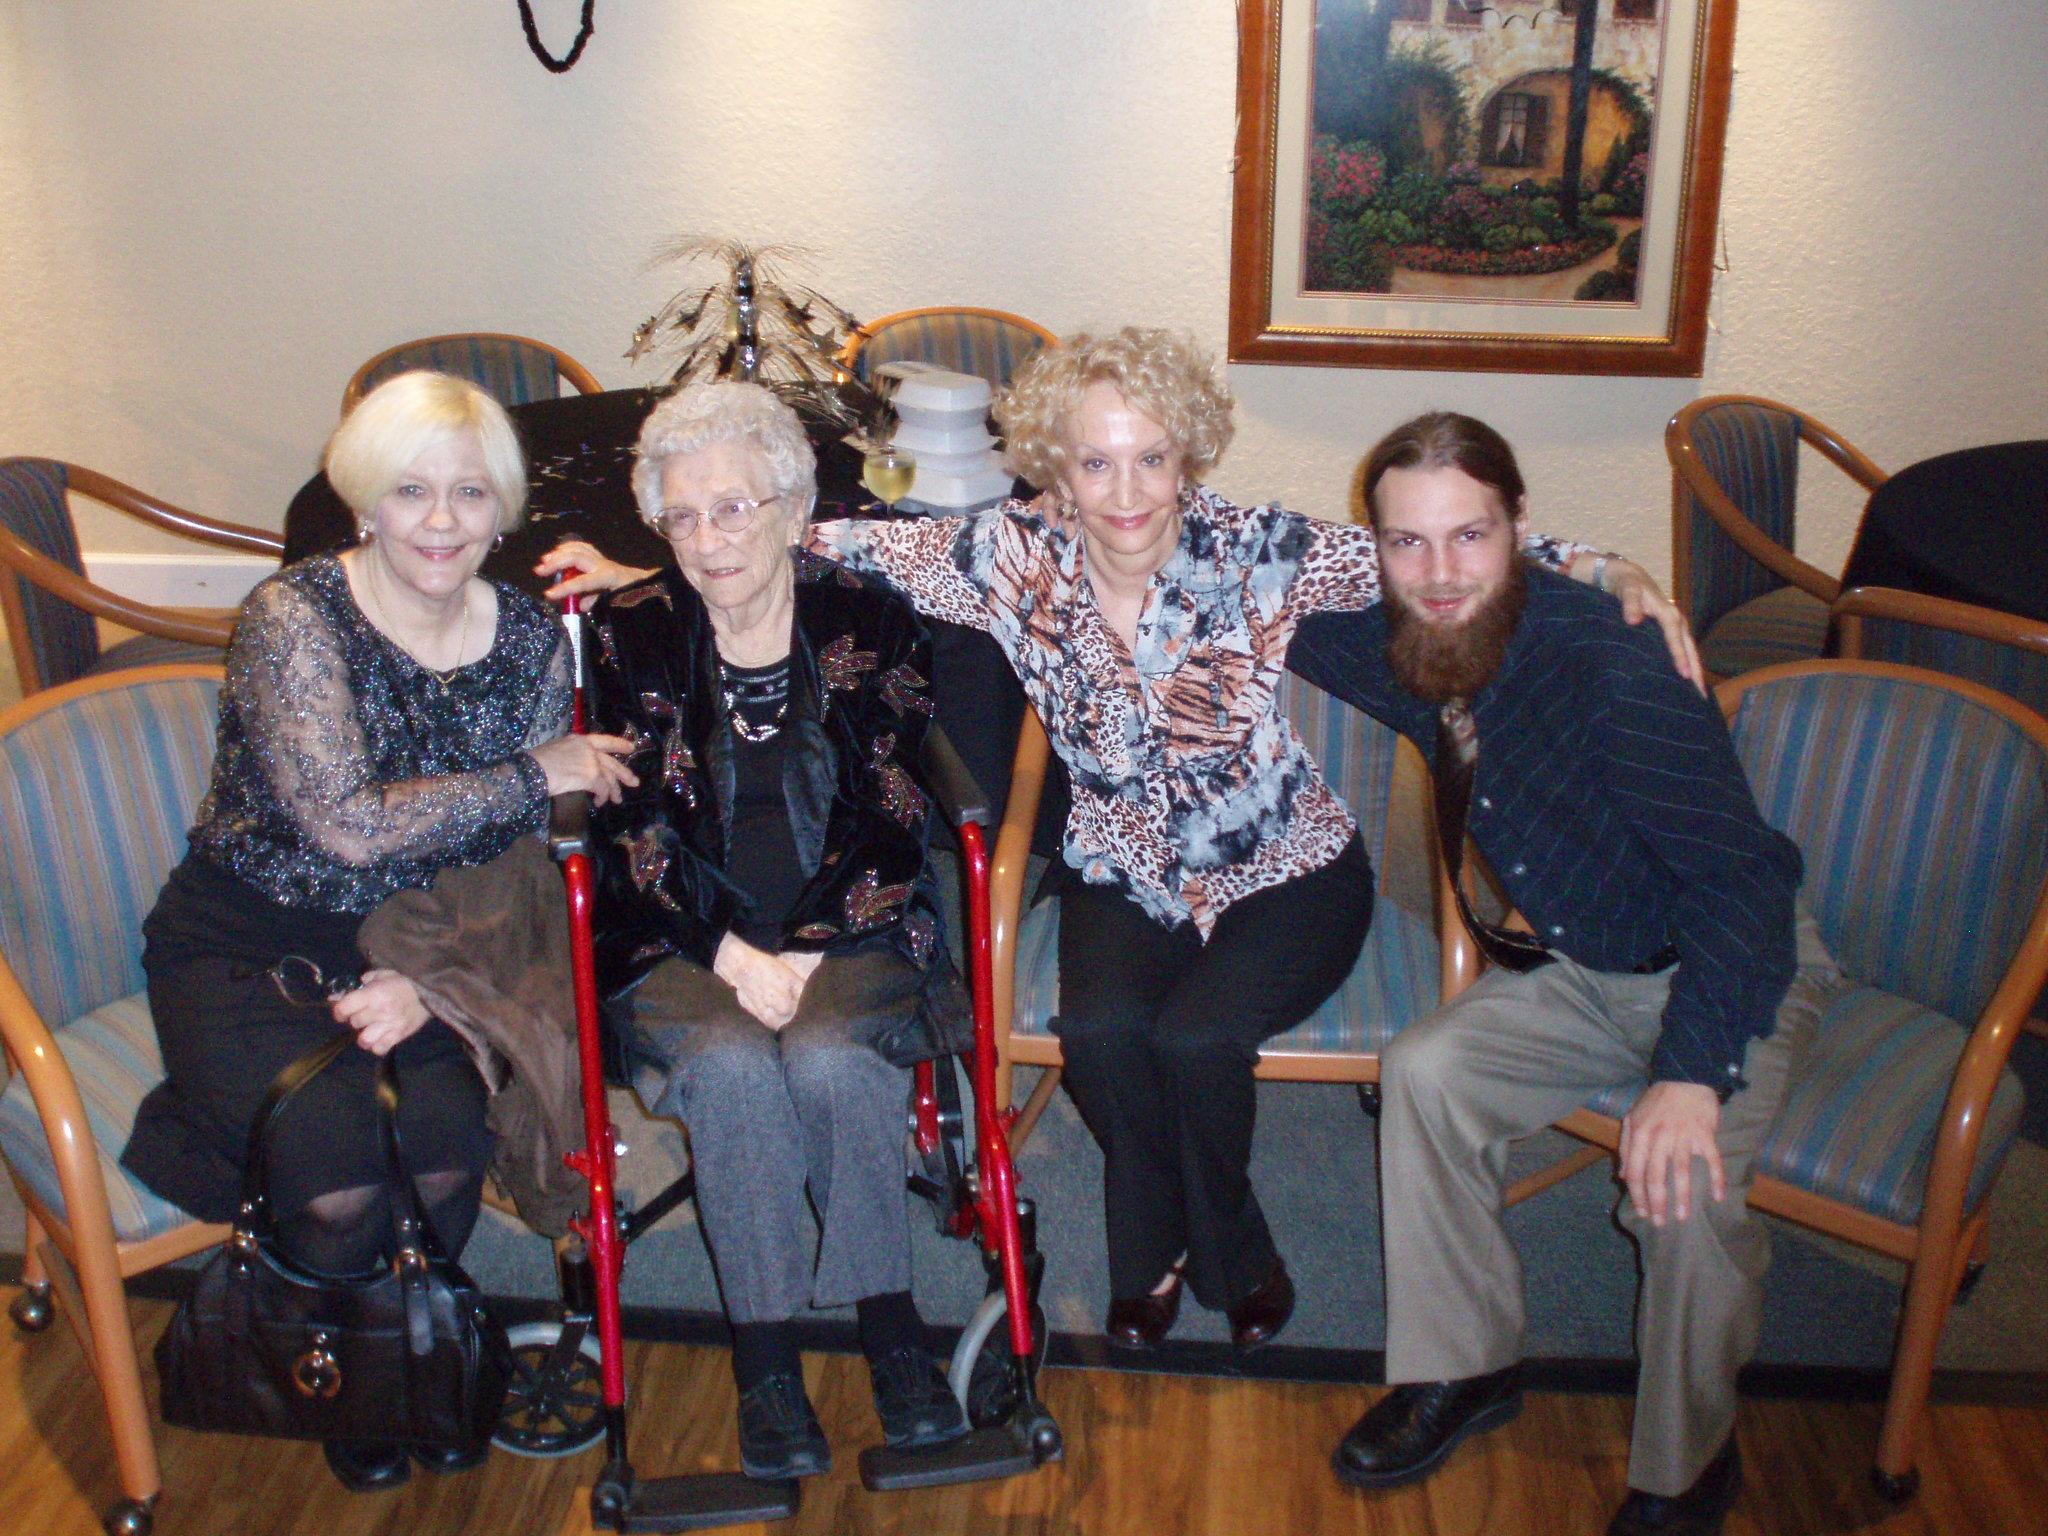 Sue, Mark, Laura, Nana on New Year's Eve